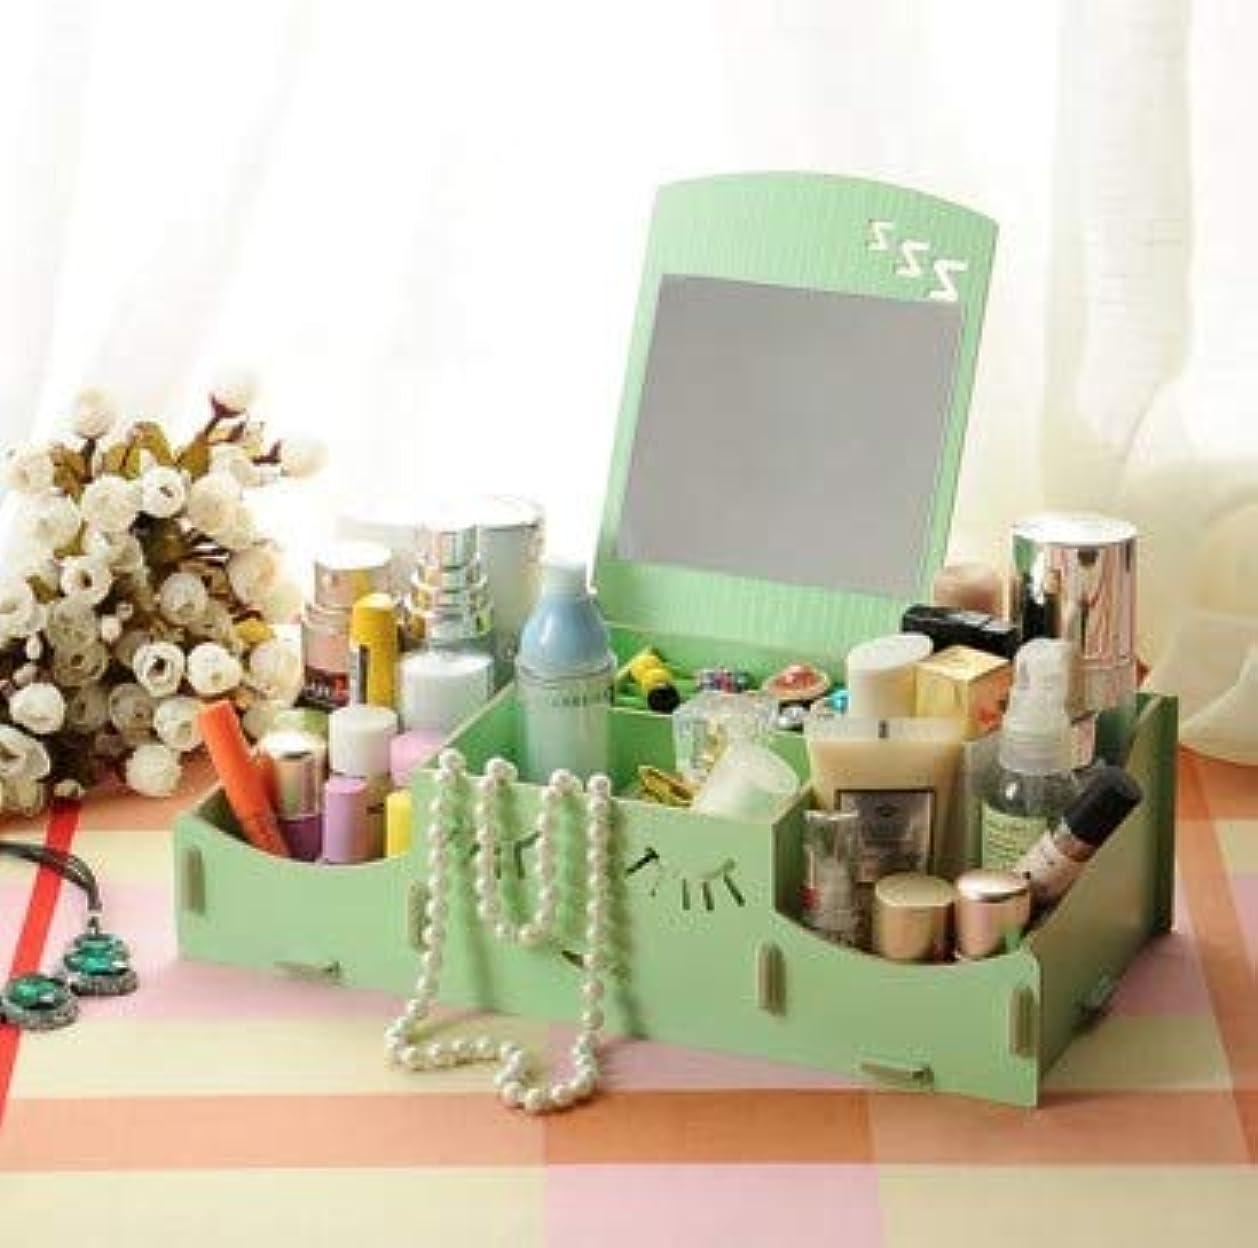 顎アサート組み立てるスマイリー木製クリエイティブ収納ボックス手作りデスクトップミラー化粧品収納ボックス化粧品収納ボックス (Color : グリンー)